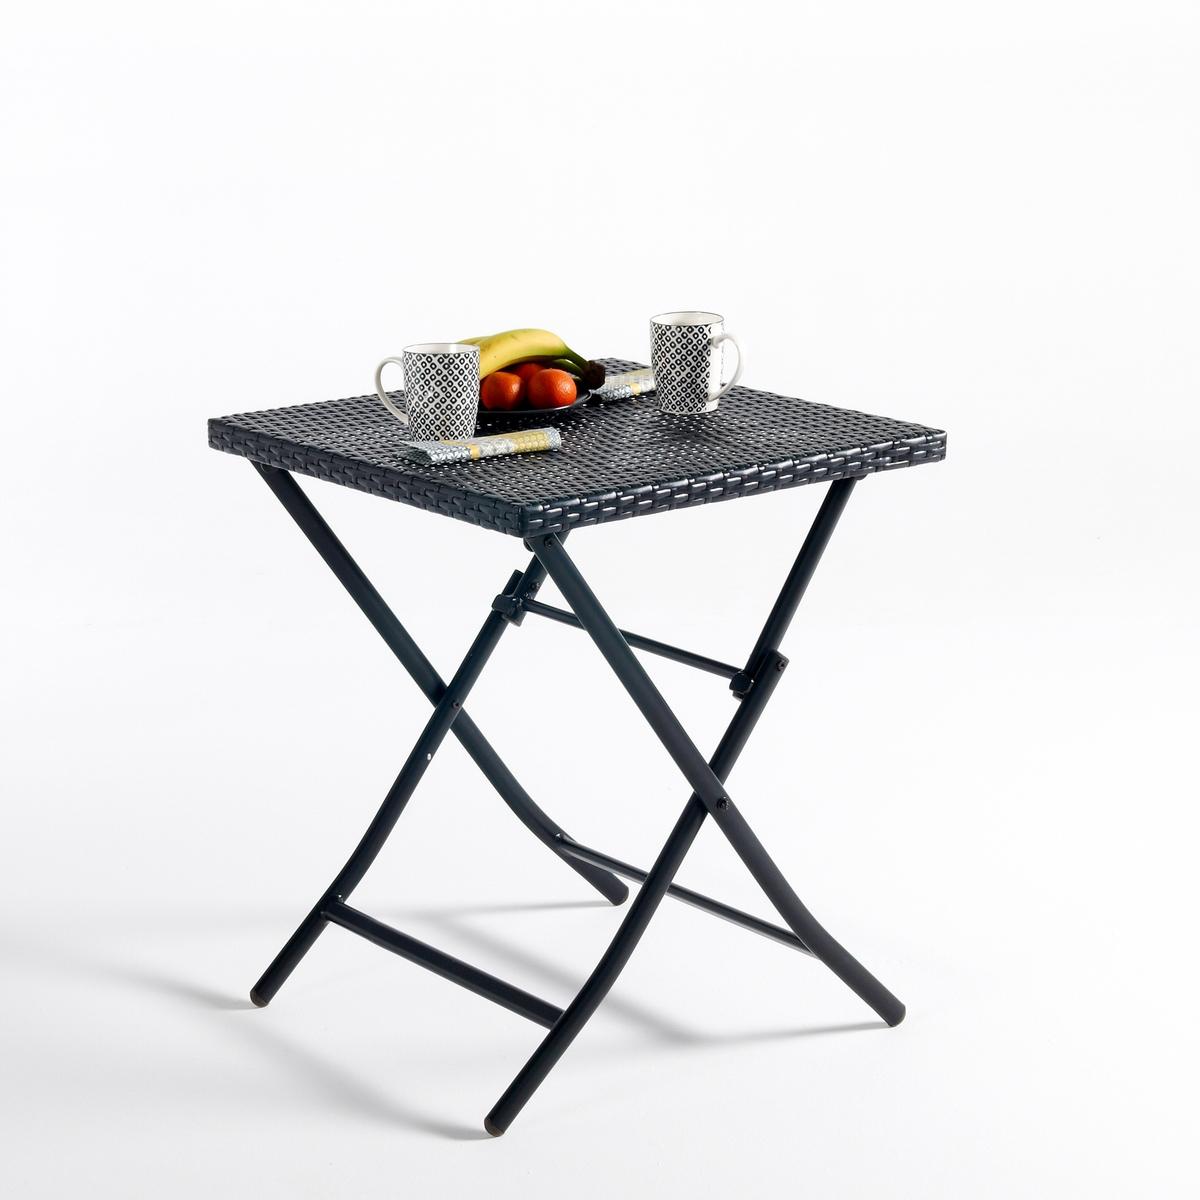 Стол складной MoonbazaСкладной стол Moonbaza. Замечательный стол в этническом стиле с плетением.Описание складного стола Moonbaza :Каркас и ножки из алюминия черного цветаСтолешница из плетеного полимераХарактеристики плетеного стола Moonbaza:Складной столСтолешница из плетеного полимераВсю коллекцию Moonbaza вы можете найти на сайте laredoute.ruРазмеры складного стола Moonbaza:Общие размеры:Длина : 60 смВысота : 60 смГлубина : 71 смРазмеры и вес с упаковкой :1 упаковкаШ.91 x В.19 x Г.65 см, 6,95 кгДоставка:Товар продается в собранном виде.Возможна доставка до двери по предварительной договоренности.Внимание! Убедитесь, что возможно осуществить доставку товара, учитывая его габариты (проходит в дверные проемы, лестничные проходы, лифты).<br><br>Цвет: черный